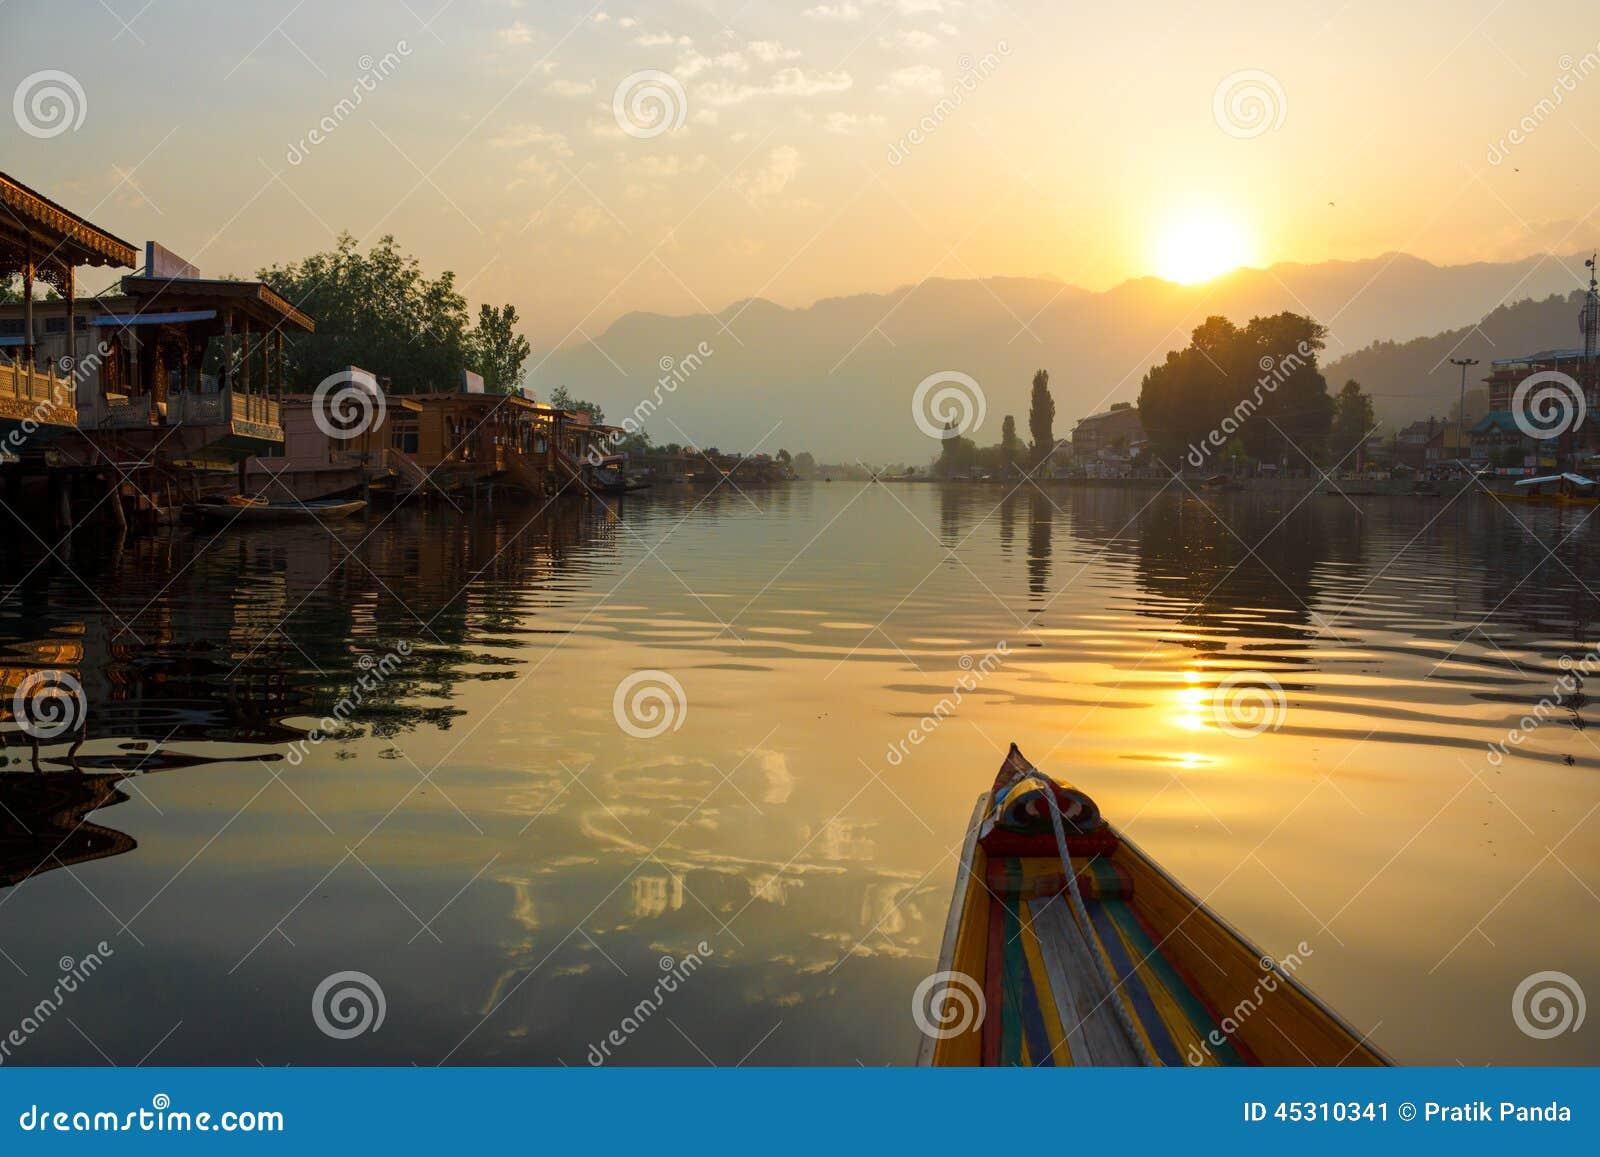 Early morning boating, Dal lake